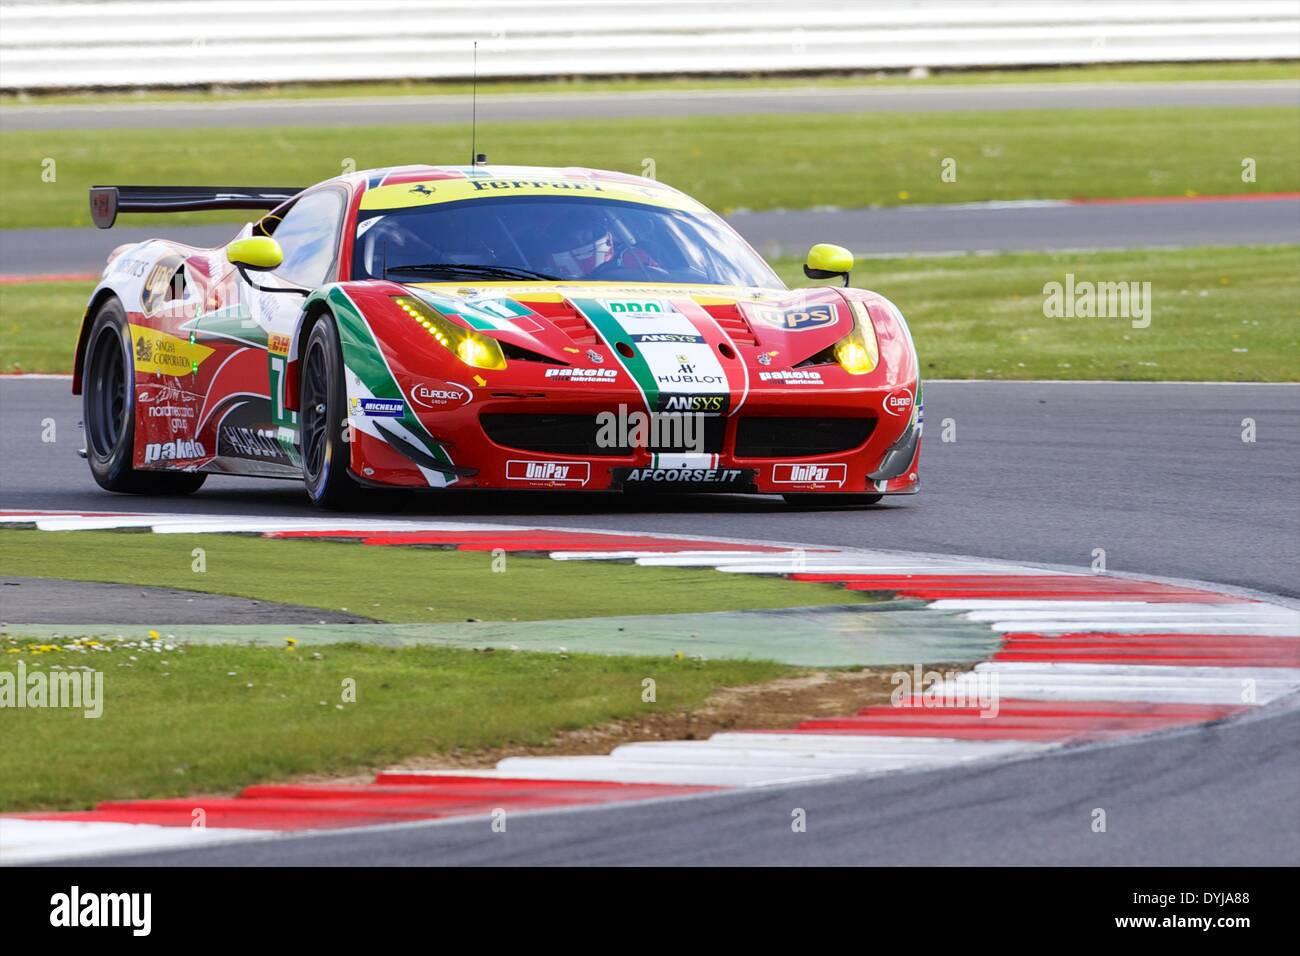 Silverstone, UK. 19th Apr, 2013. AF CORSE Ferrari F458 Italia LMGTE Pro driven by Davide Rigon (ITA) and James Calado Stock Photo